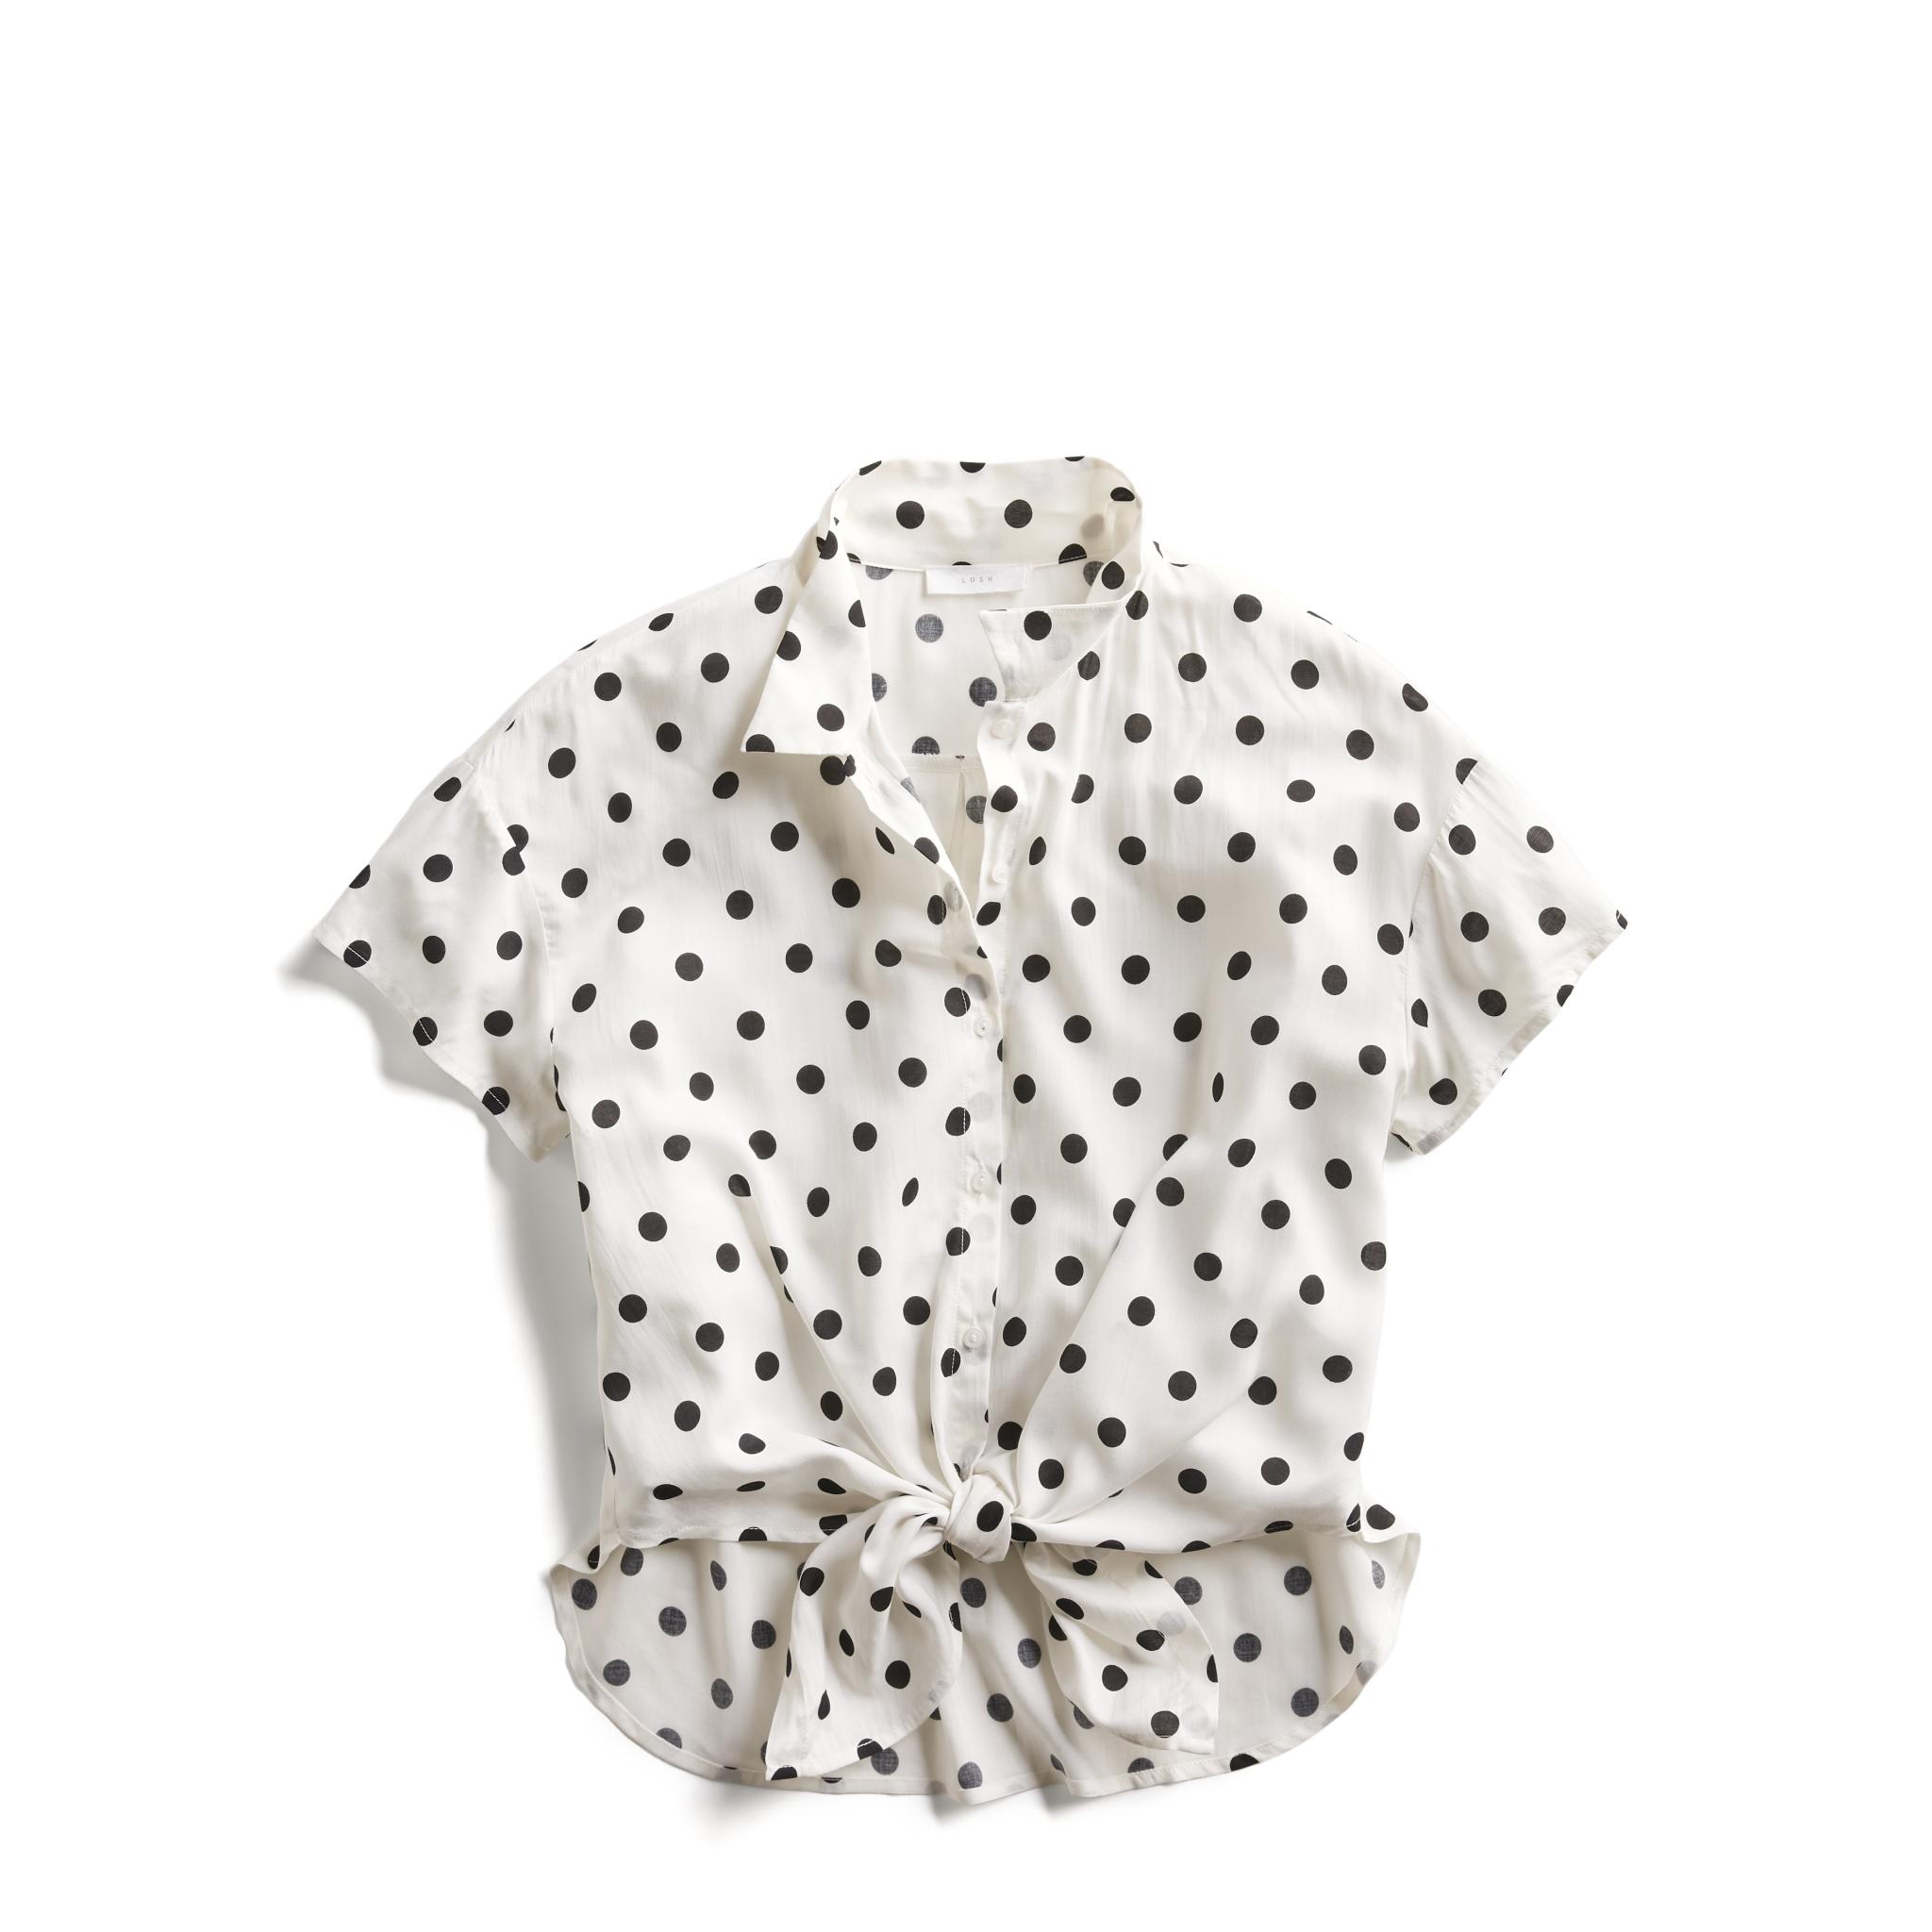 4e2bfeb2268d3f Stitch Fix Summer Stylist Picks: Casual Polka Dot Tie-Front Shirt ...